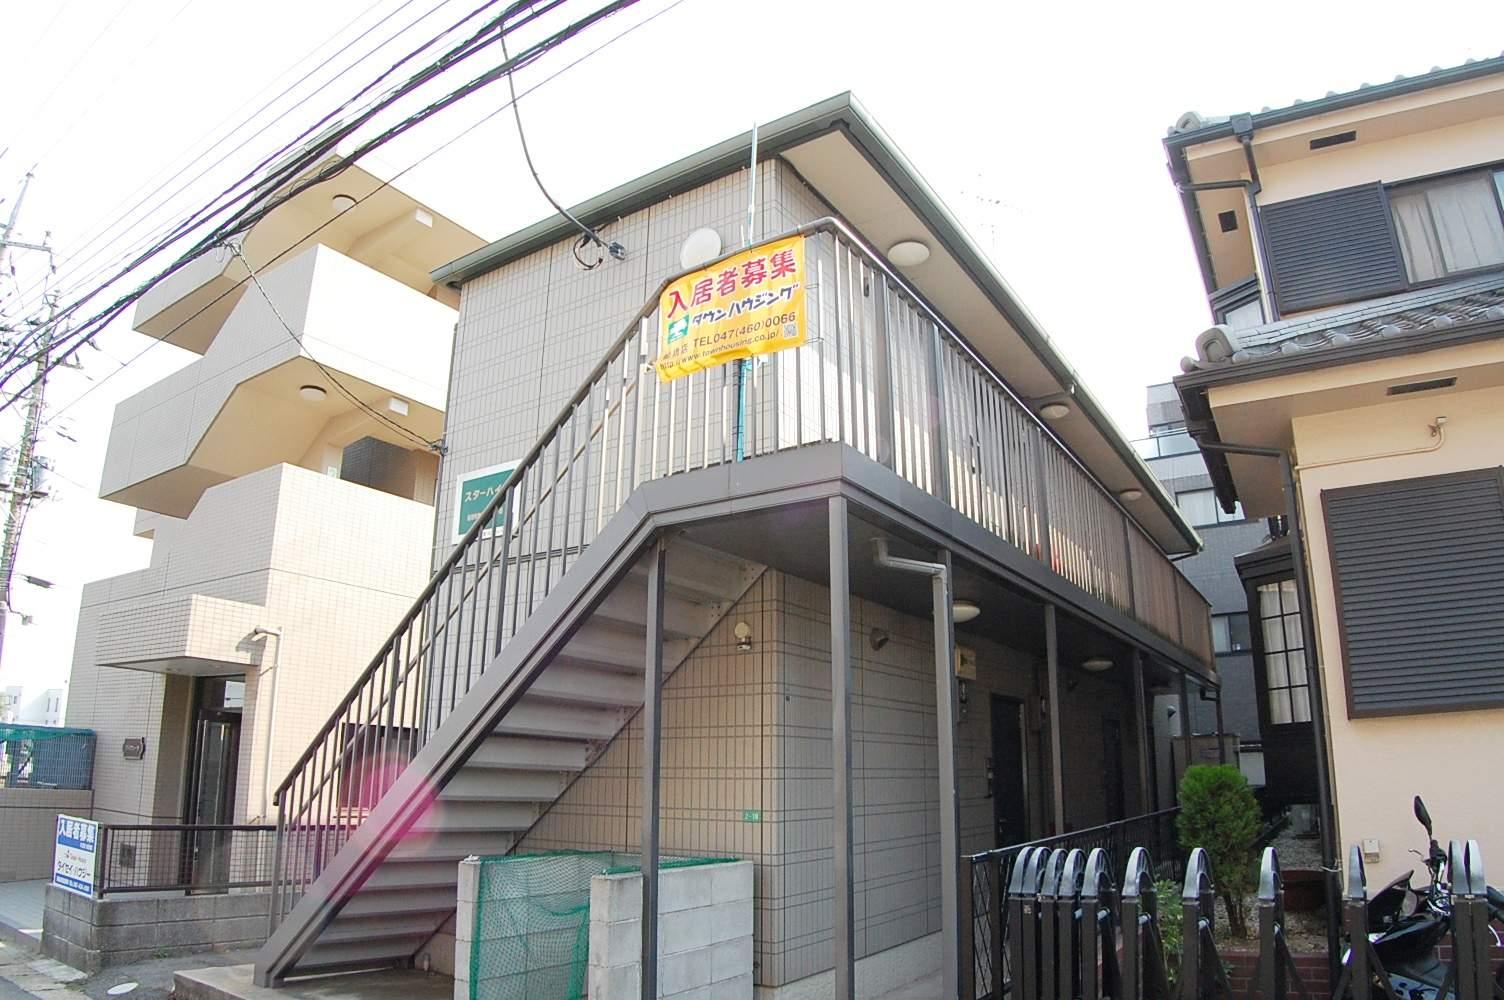 千葉県船橋市、下総中山駅徒歩17分の築14年 2階建の賃貸アパート